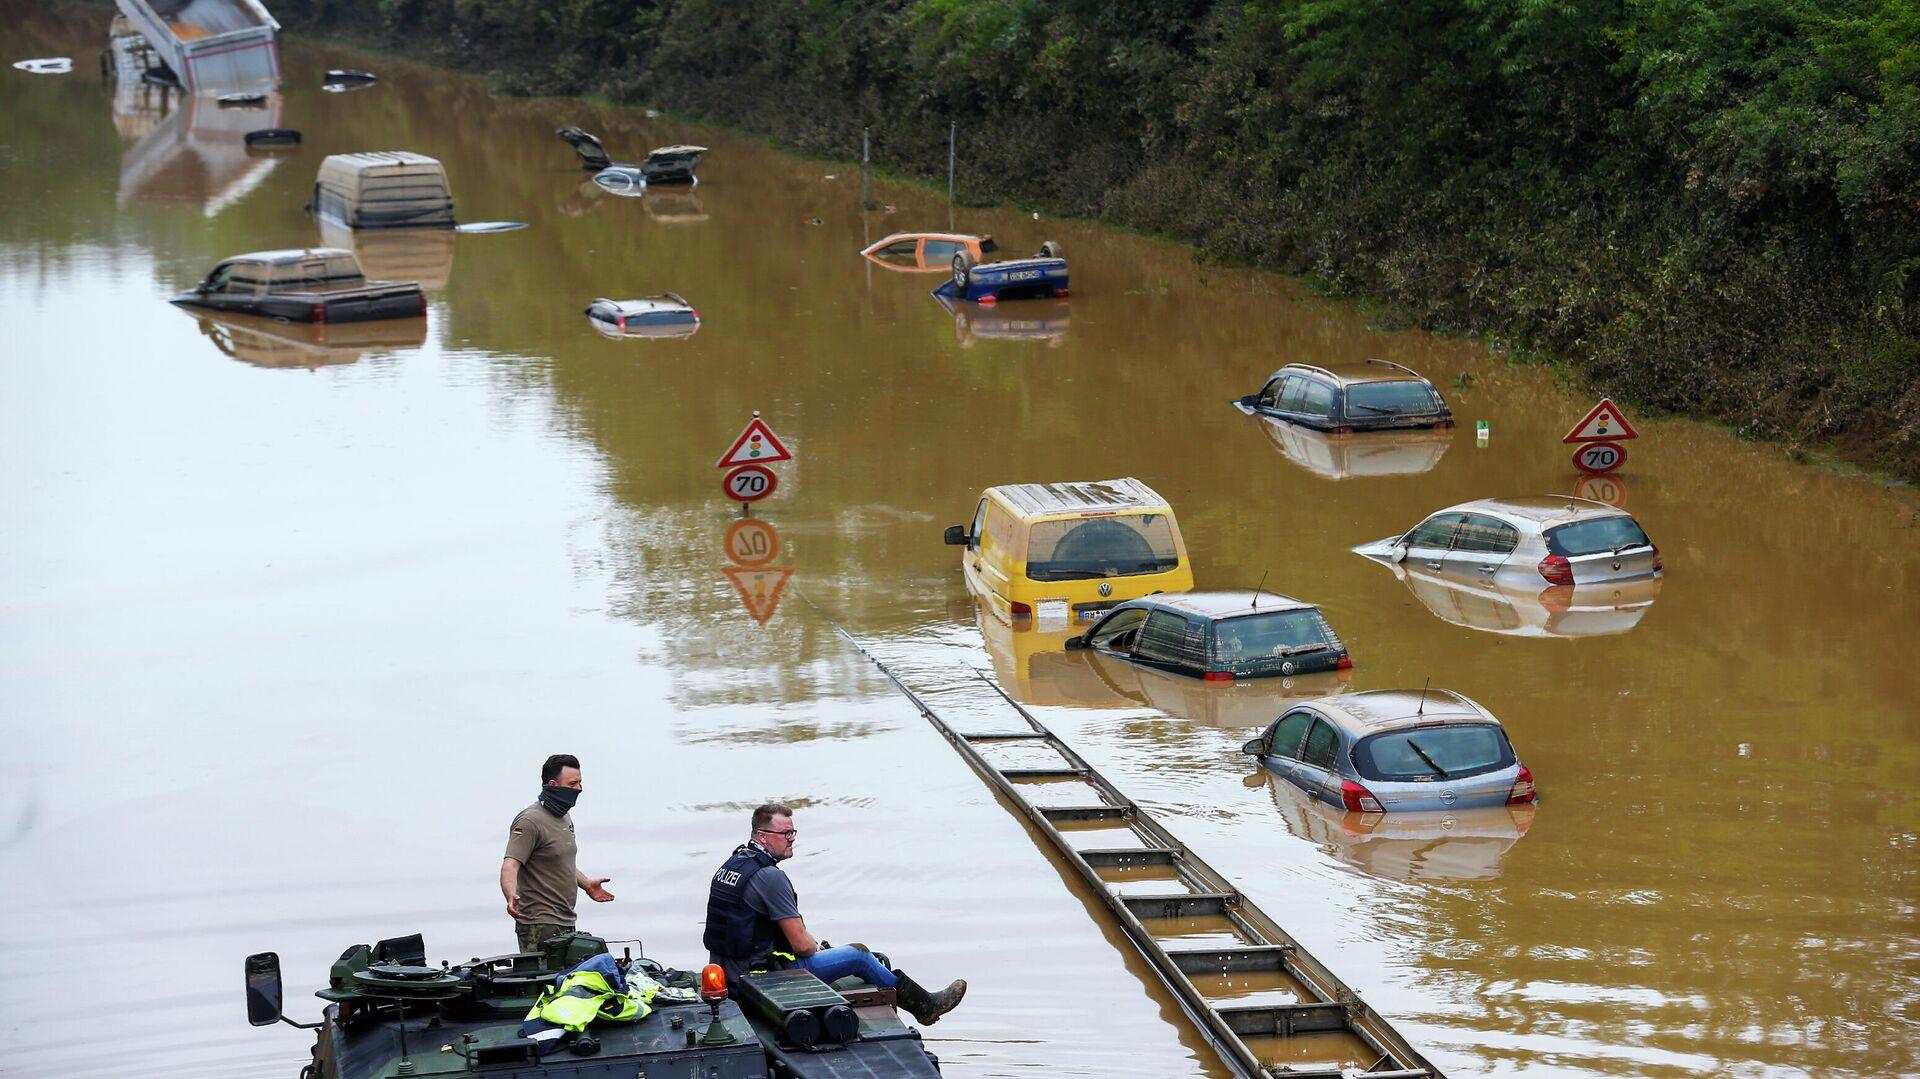 Inundaciones en Alemania - Sputnik Mundo, 1920, 17.07.2021